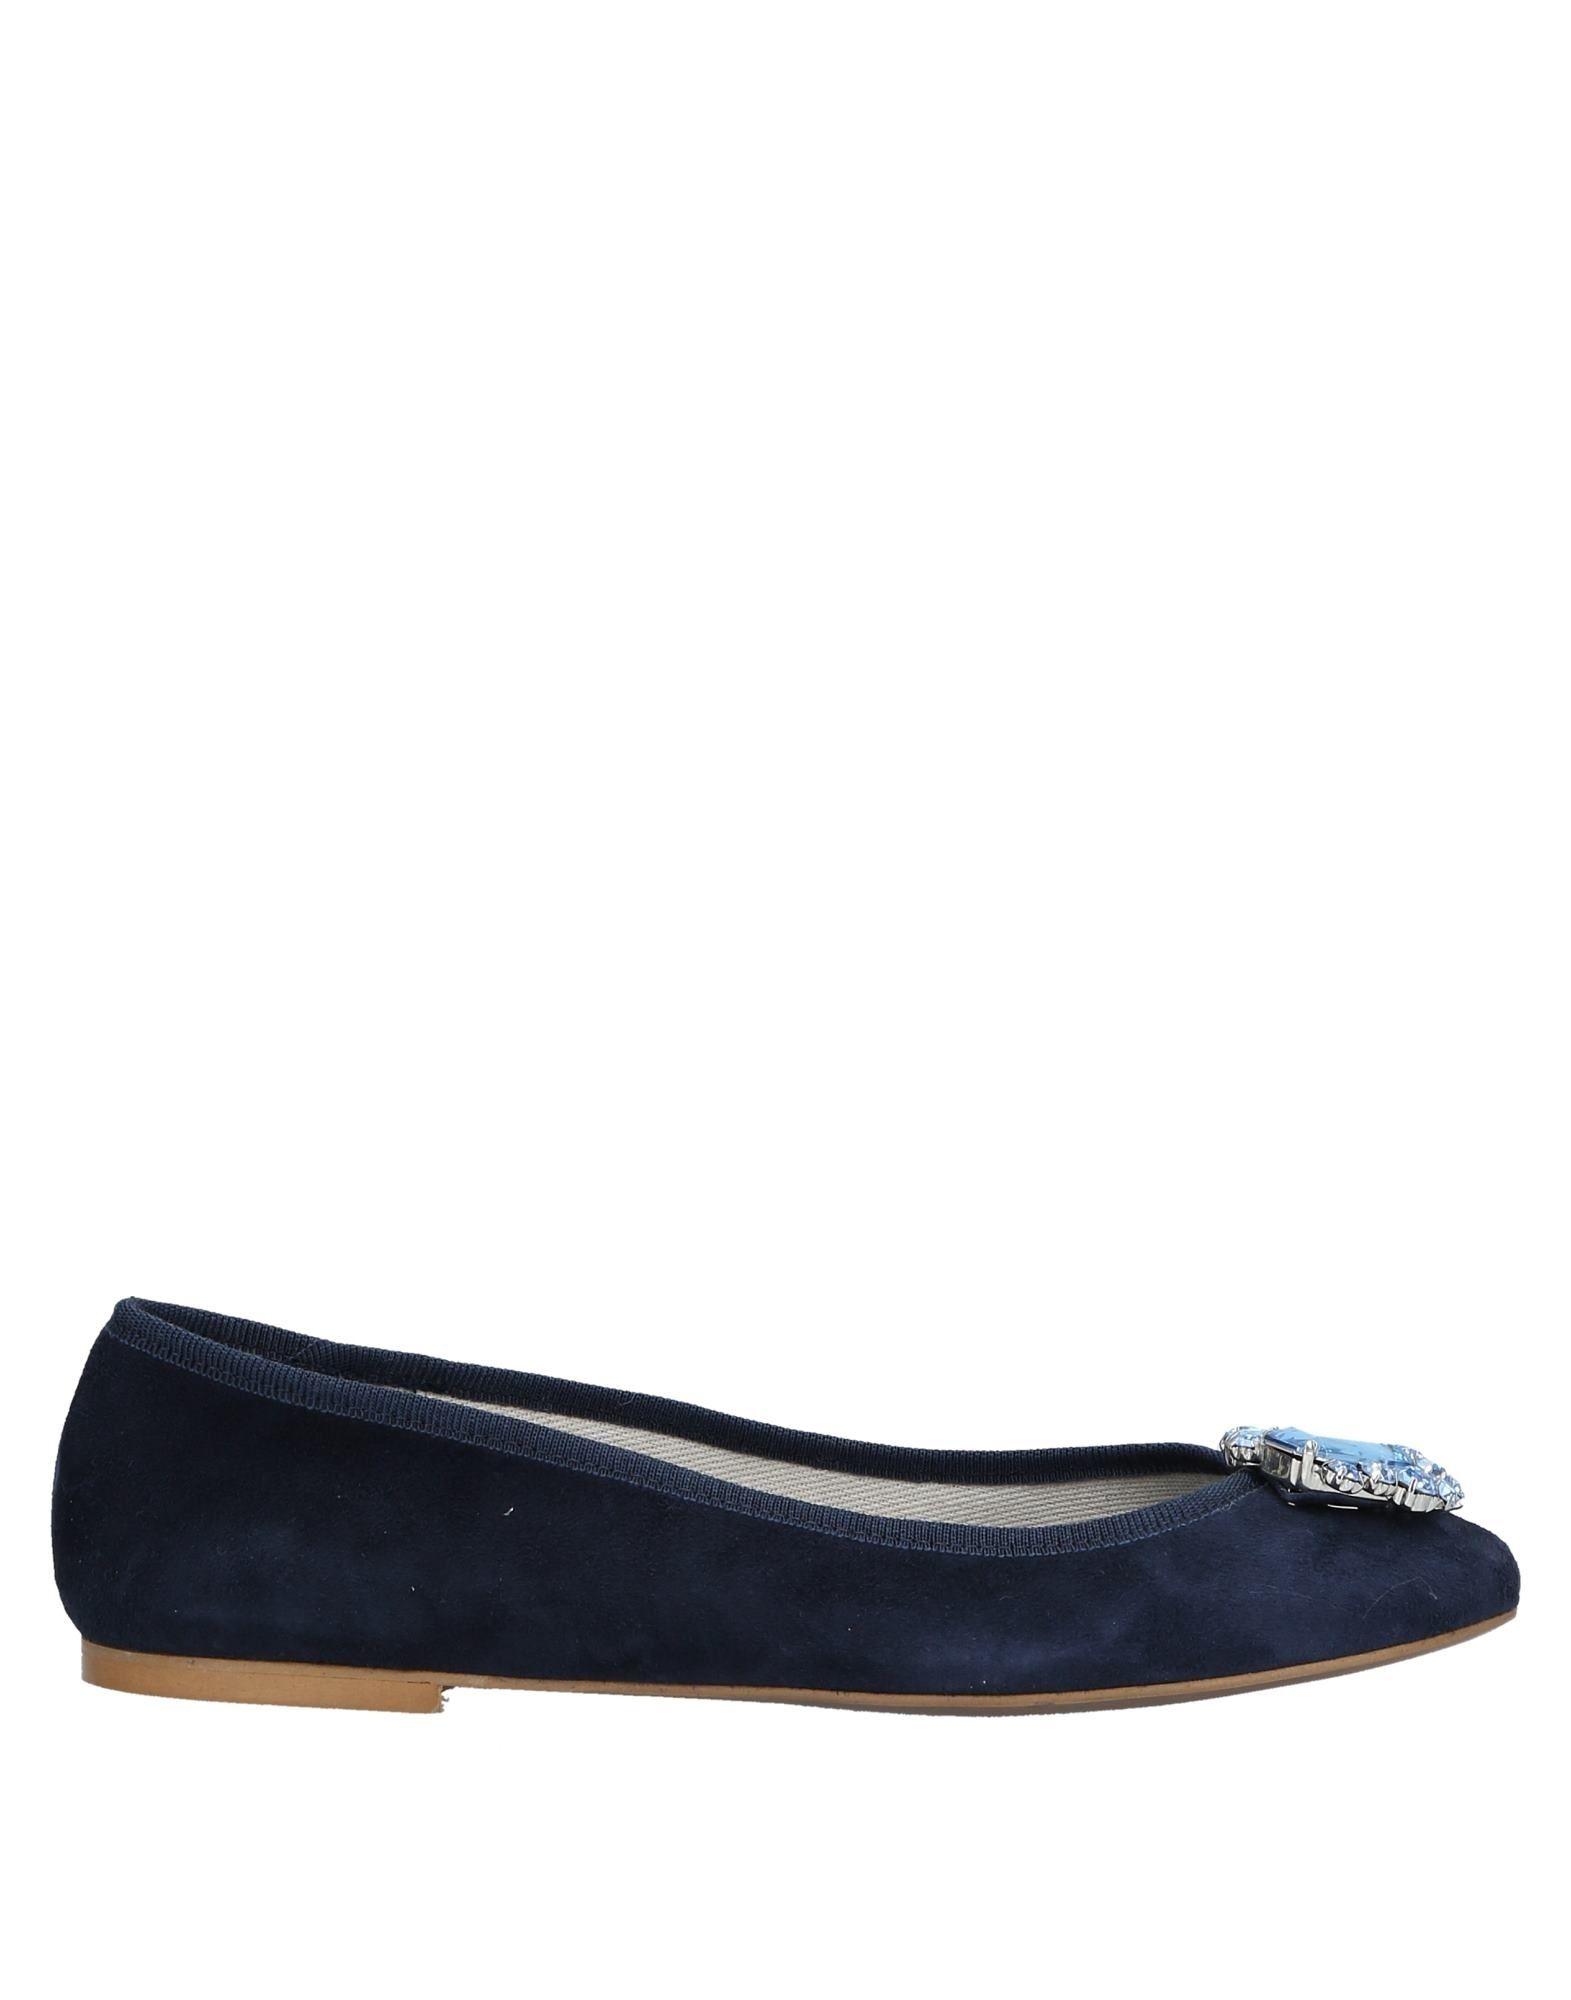 Griff Italia Ballerinas Damen  11542231NX Gute Qualität beliebte Schuhe